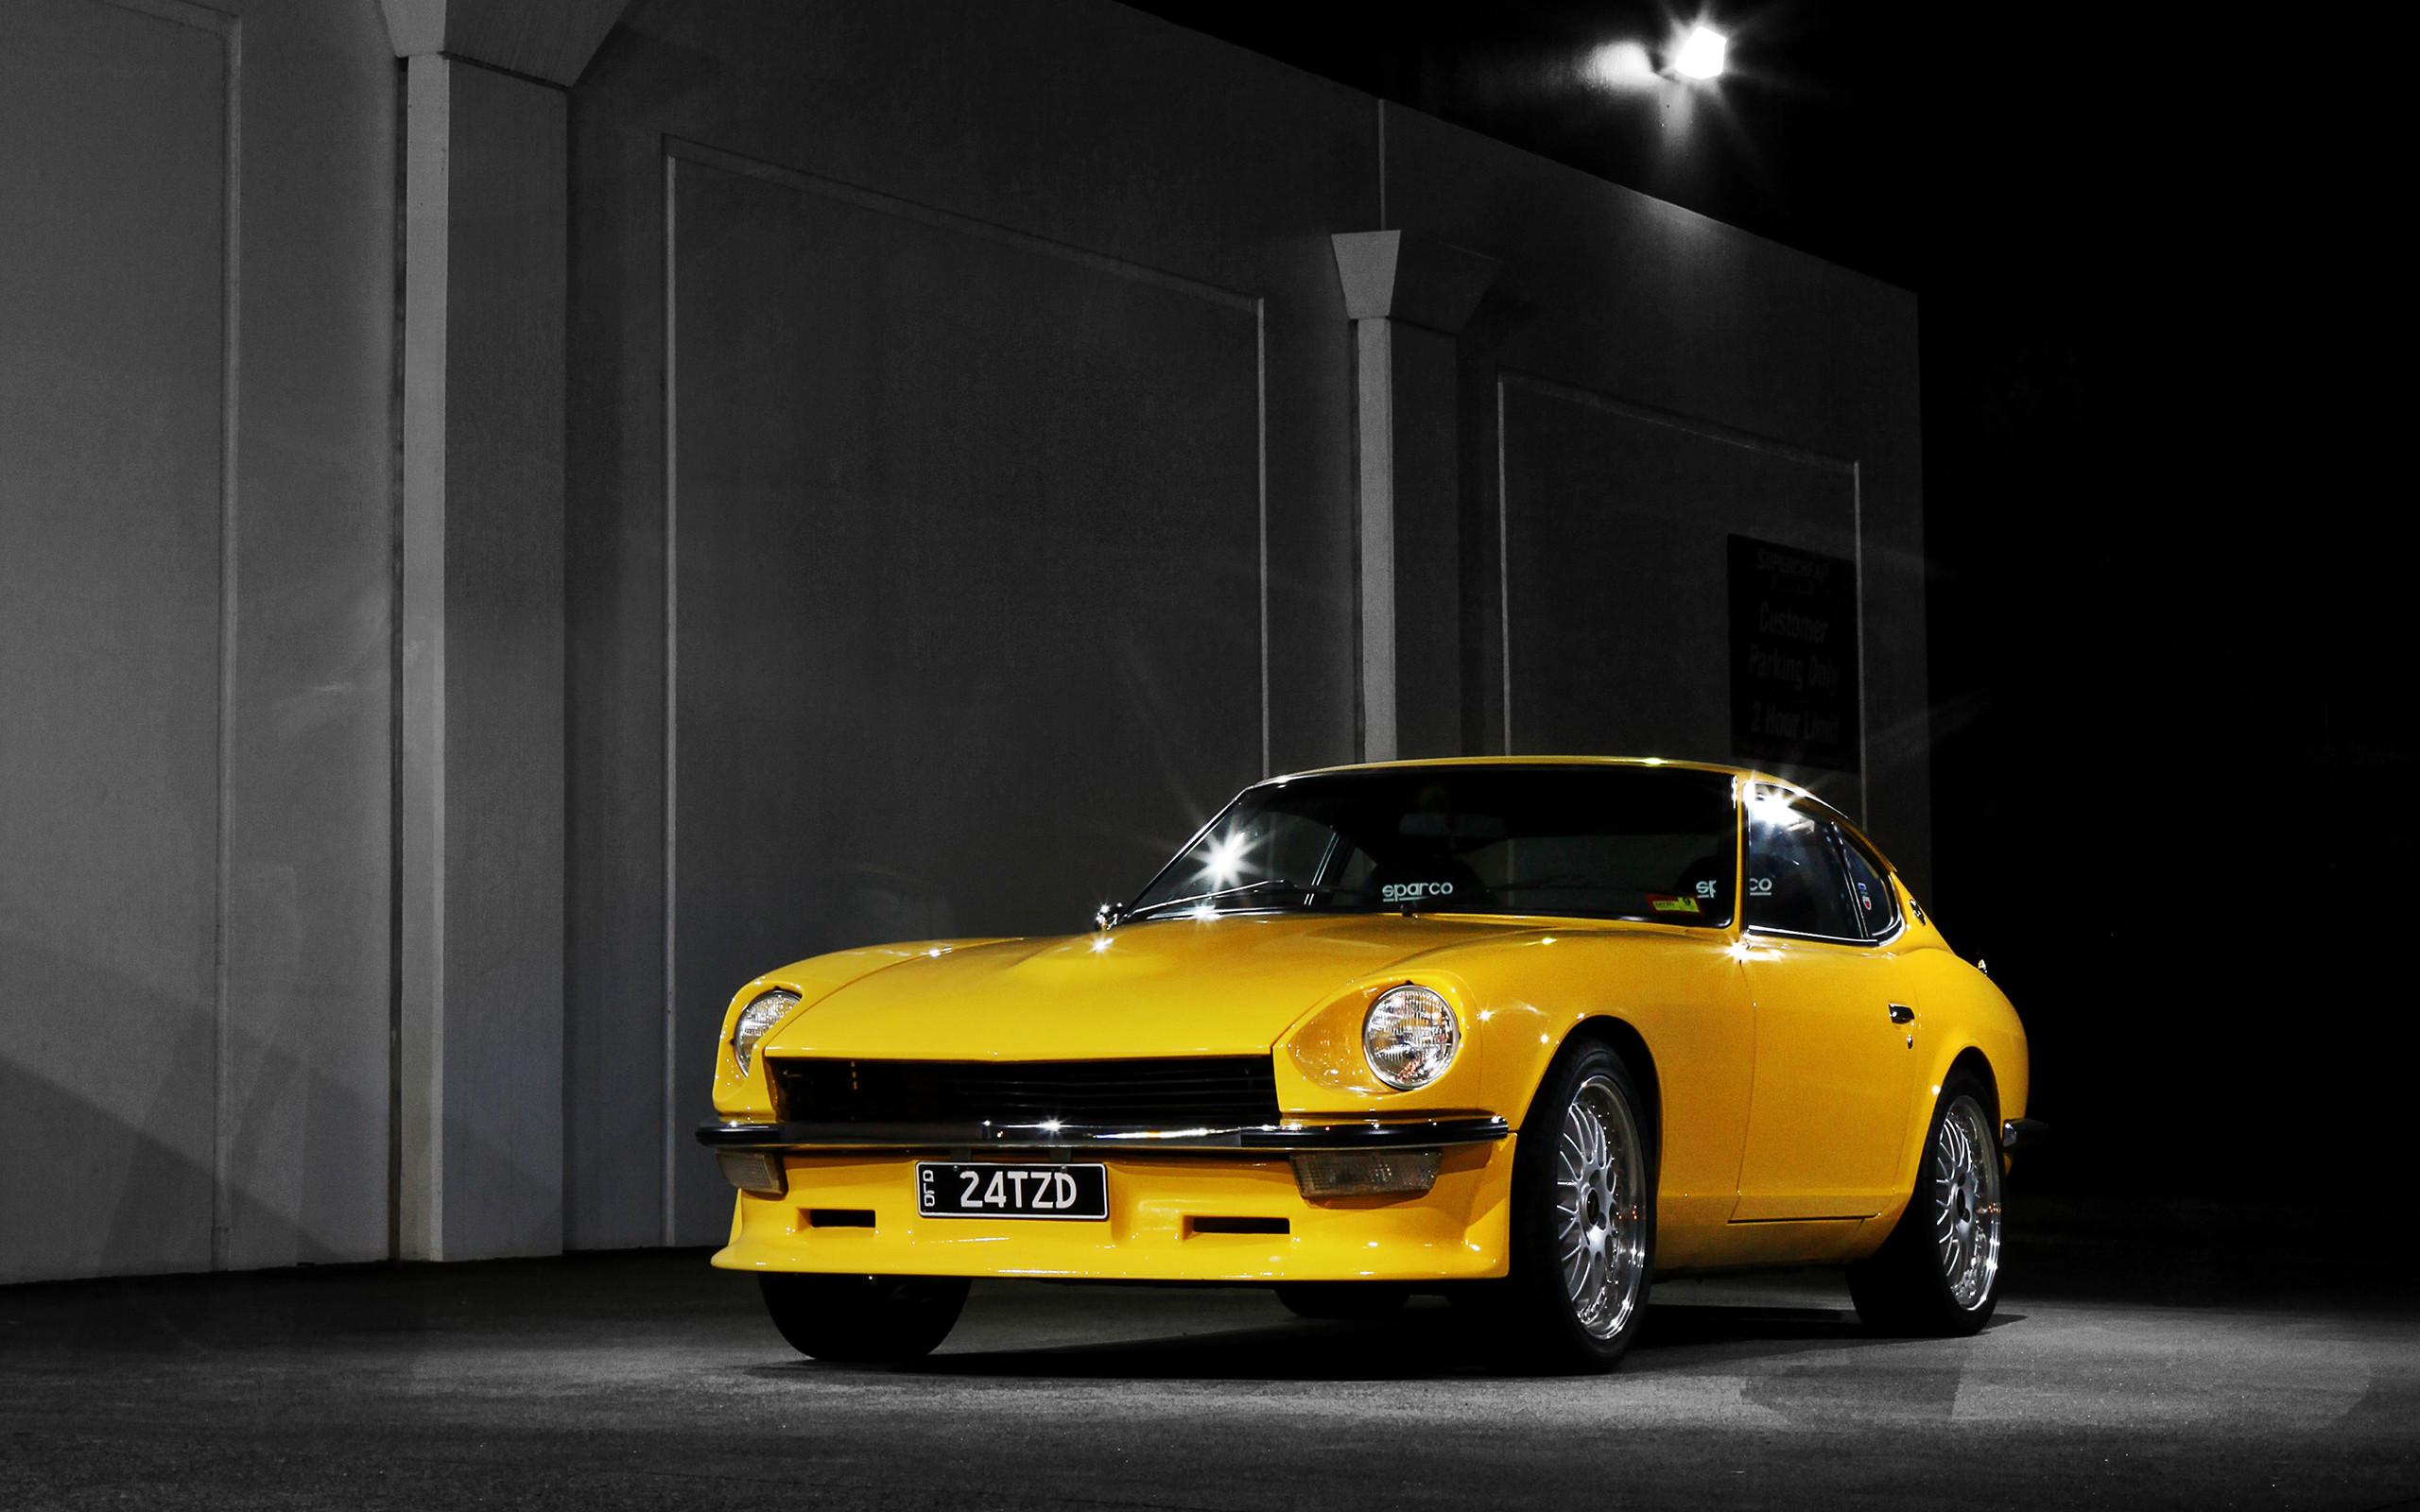 Datsun 240Z, Car, Vehicle, Night, Tuning, JDM